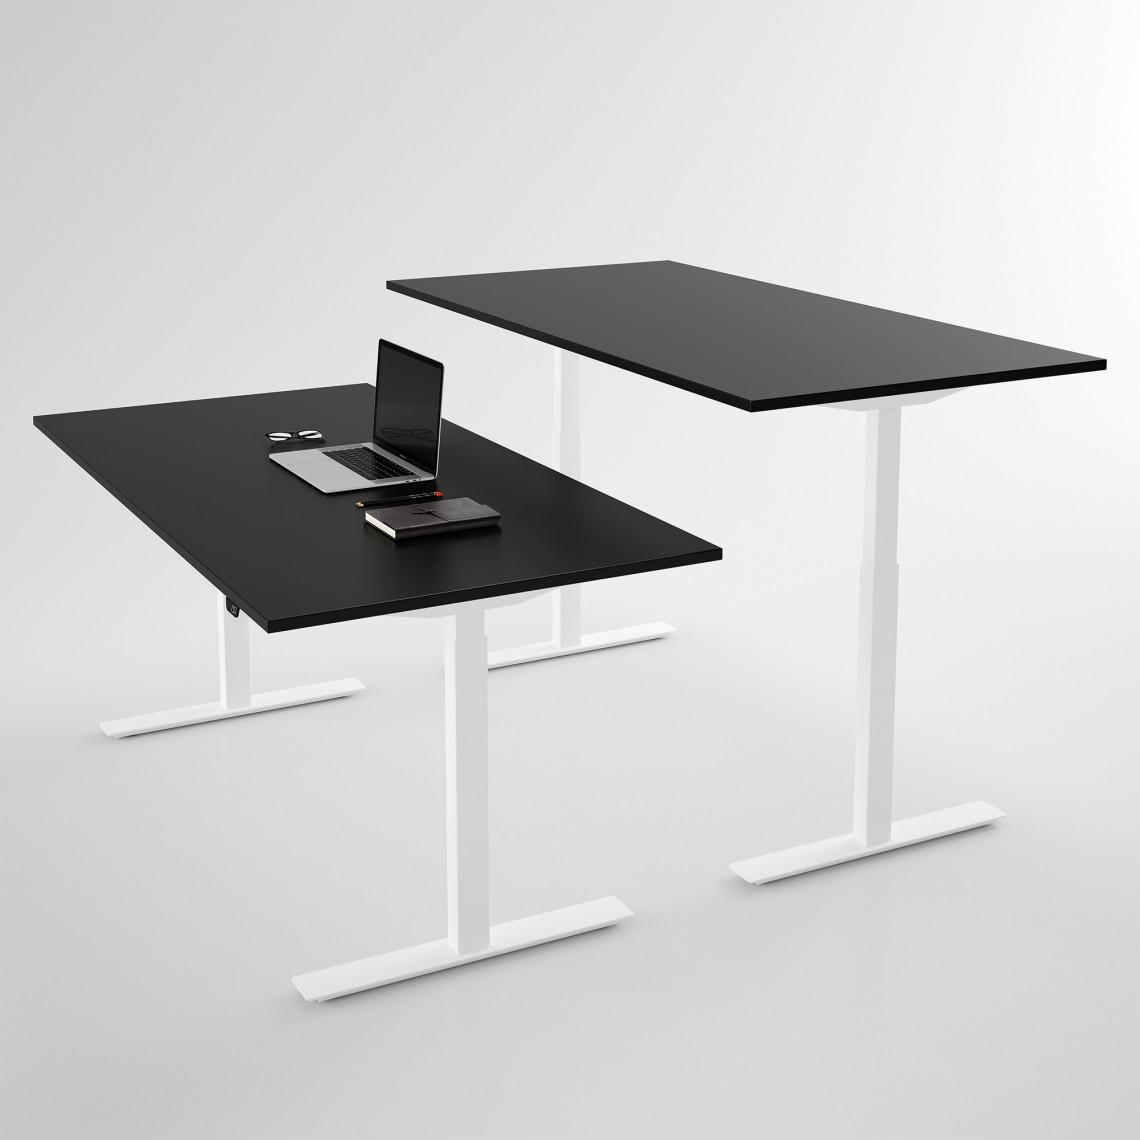 Höj och sänkbart el skrivbord, 2 motorer, grå skiva, svart